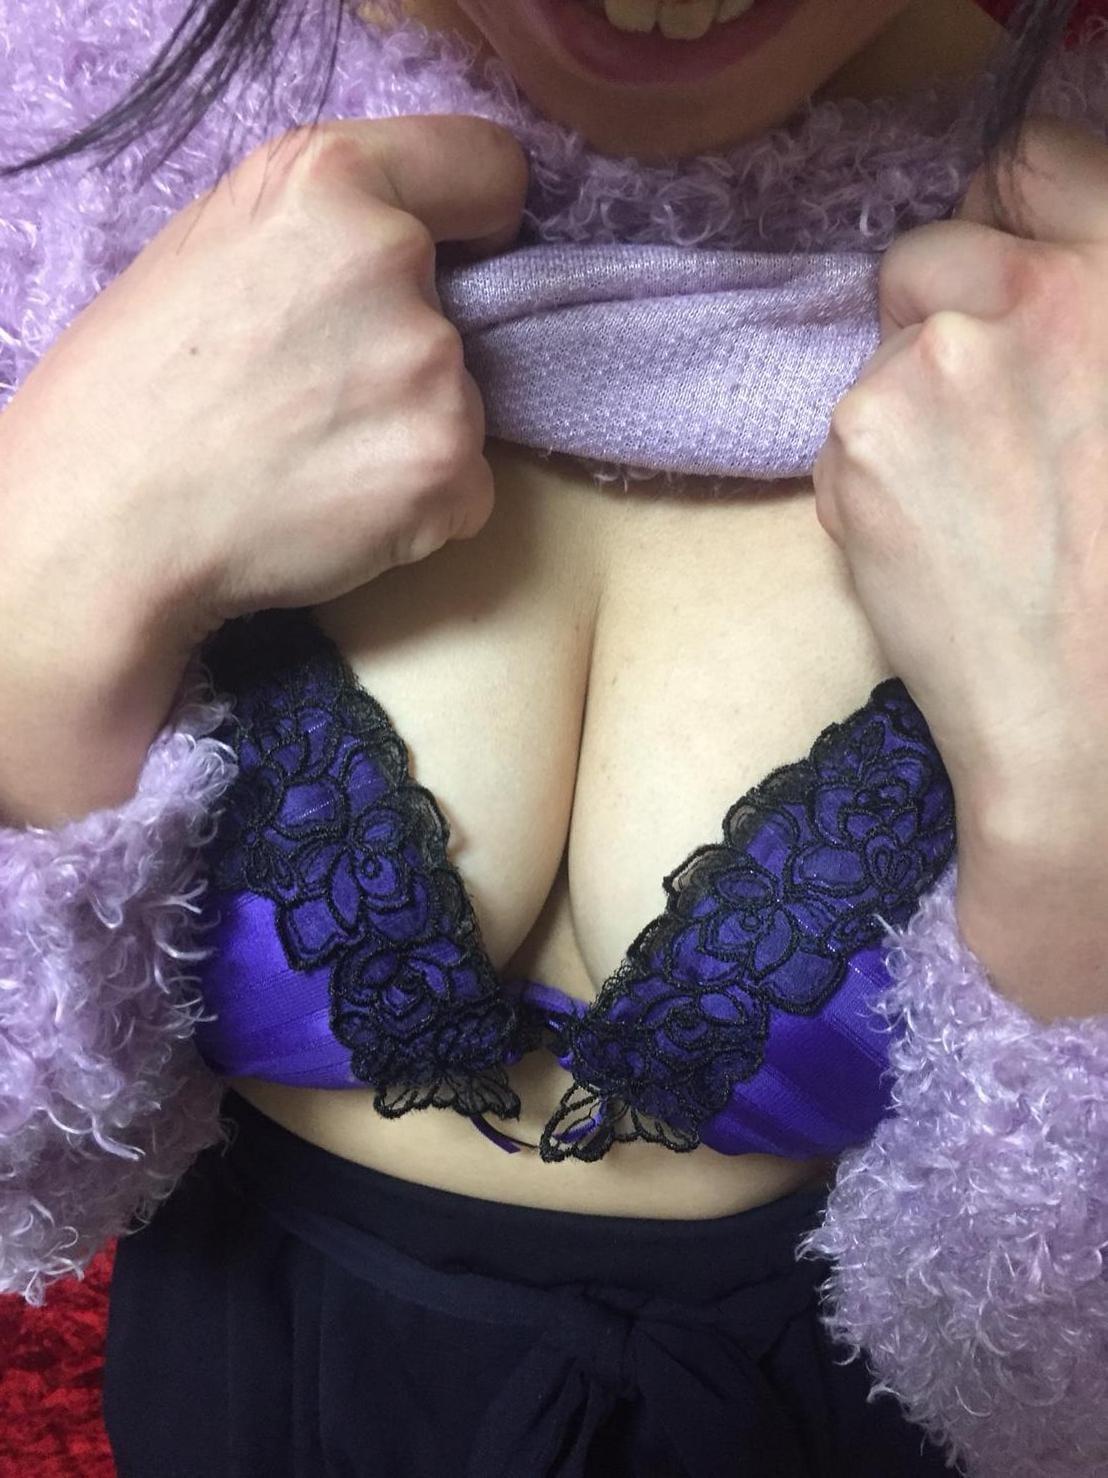 「えへへ」02/08(木) 20:07 | みかんの写メ・風俗動画